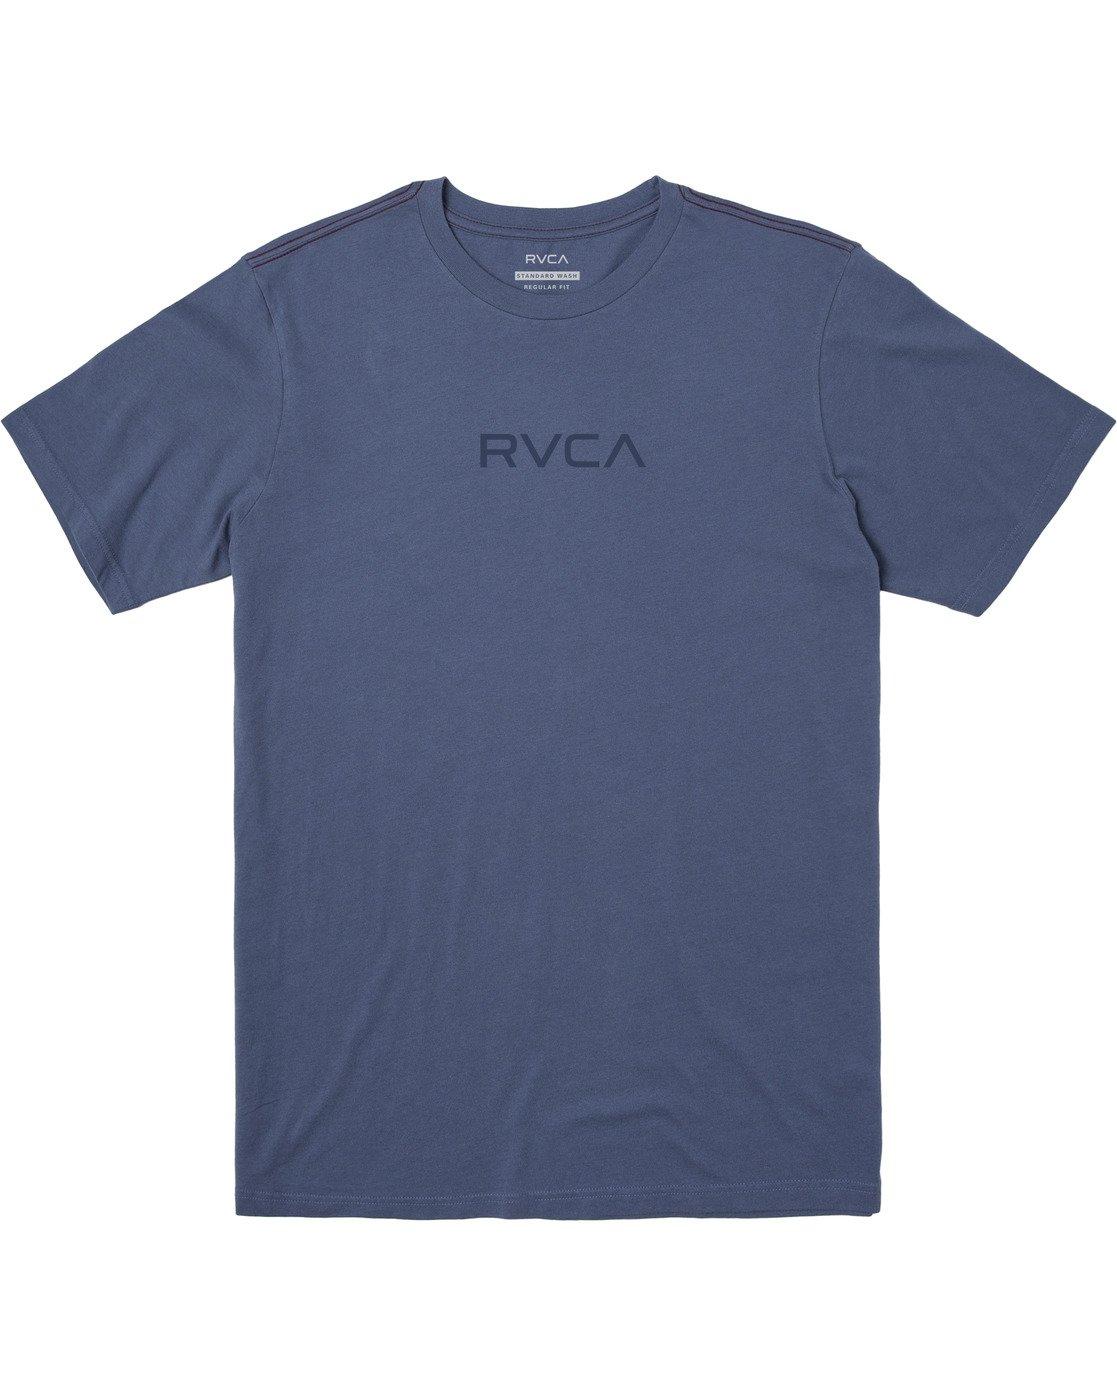 0 SMALL RVCA SHORT SLEEVE TEE Multicolor M430VRSM RVCA